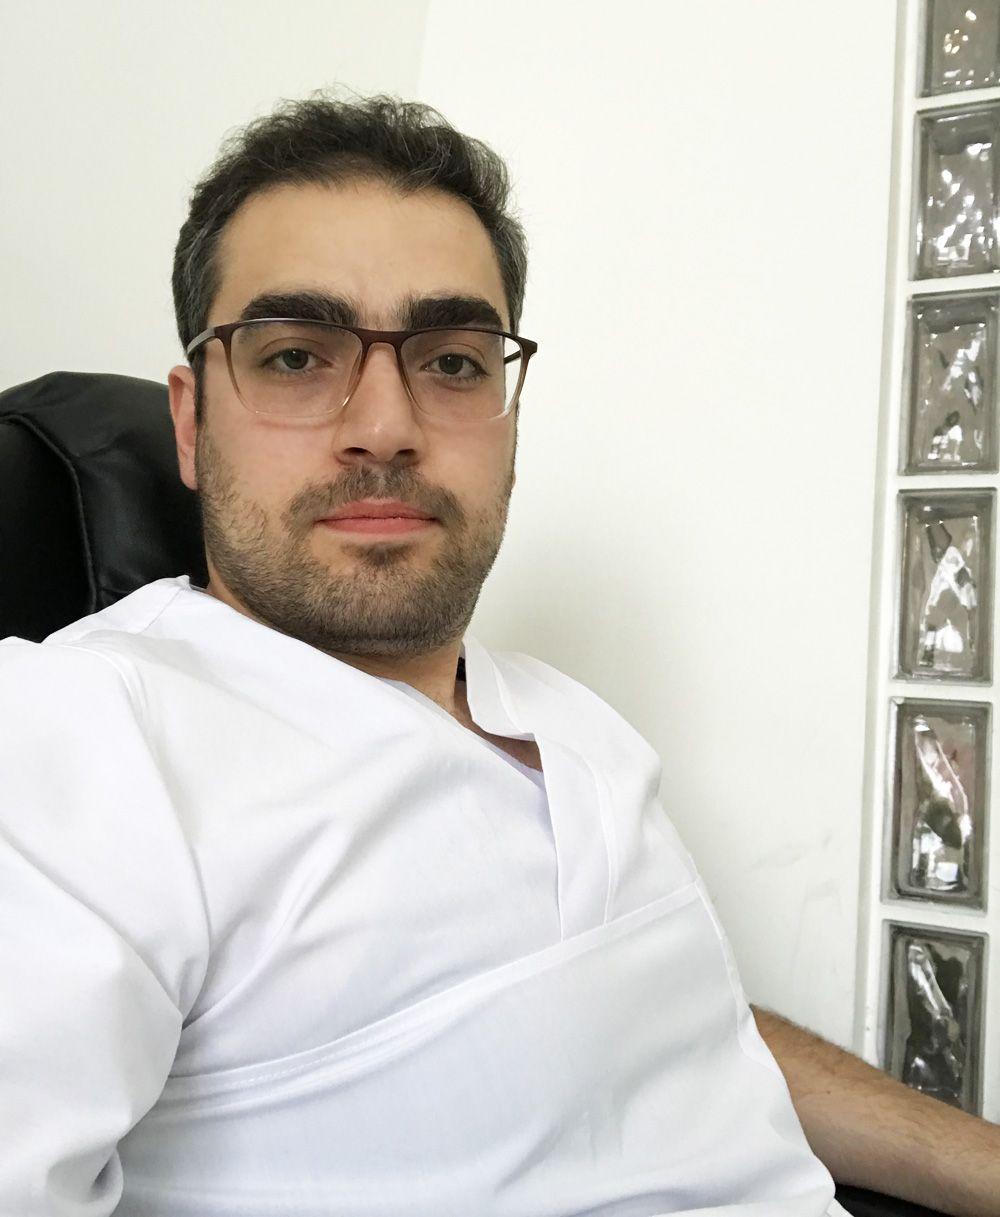 دندانپزشکی دکتر رضا واحدی فردیس کرج